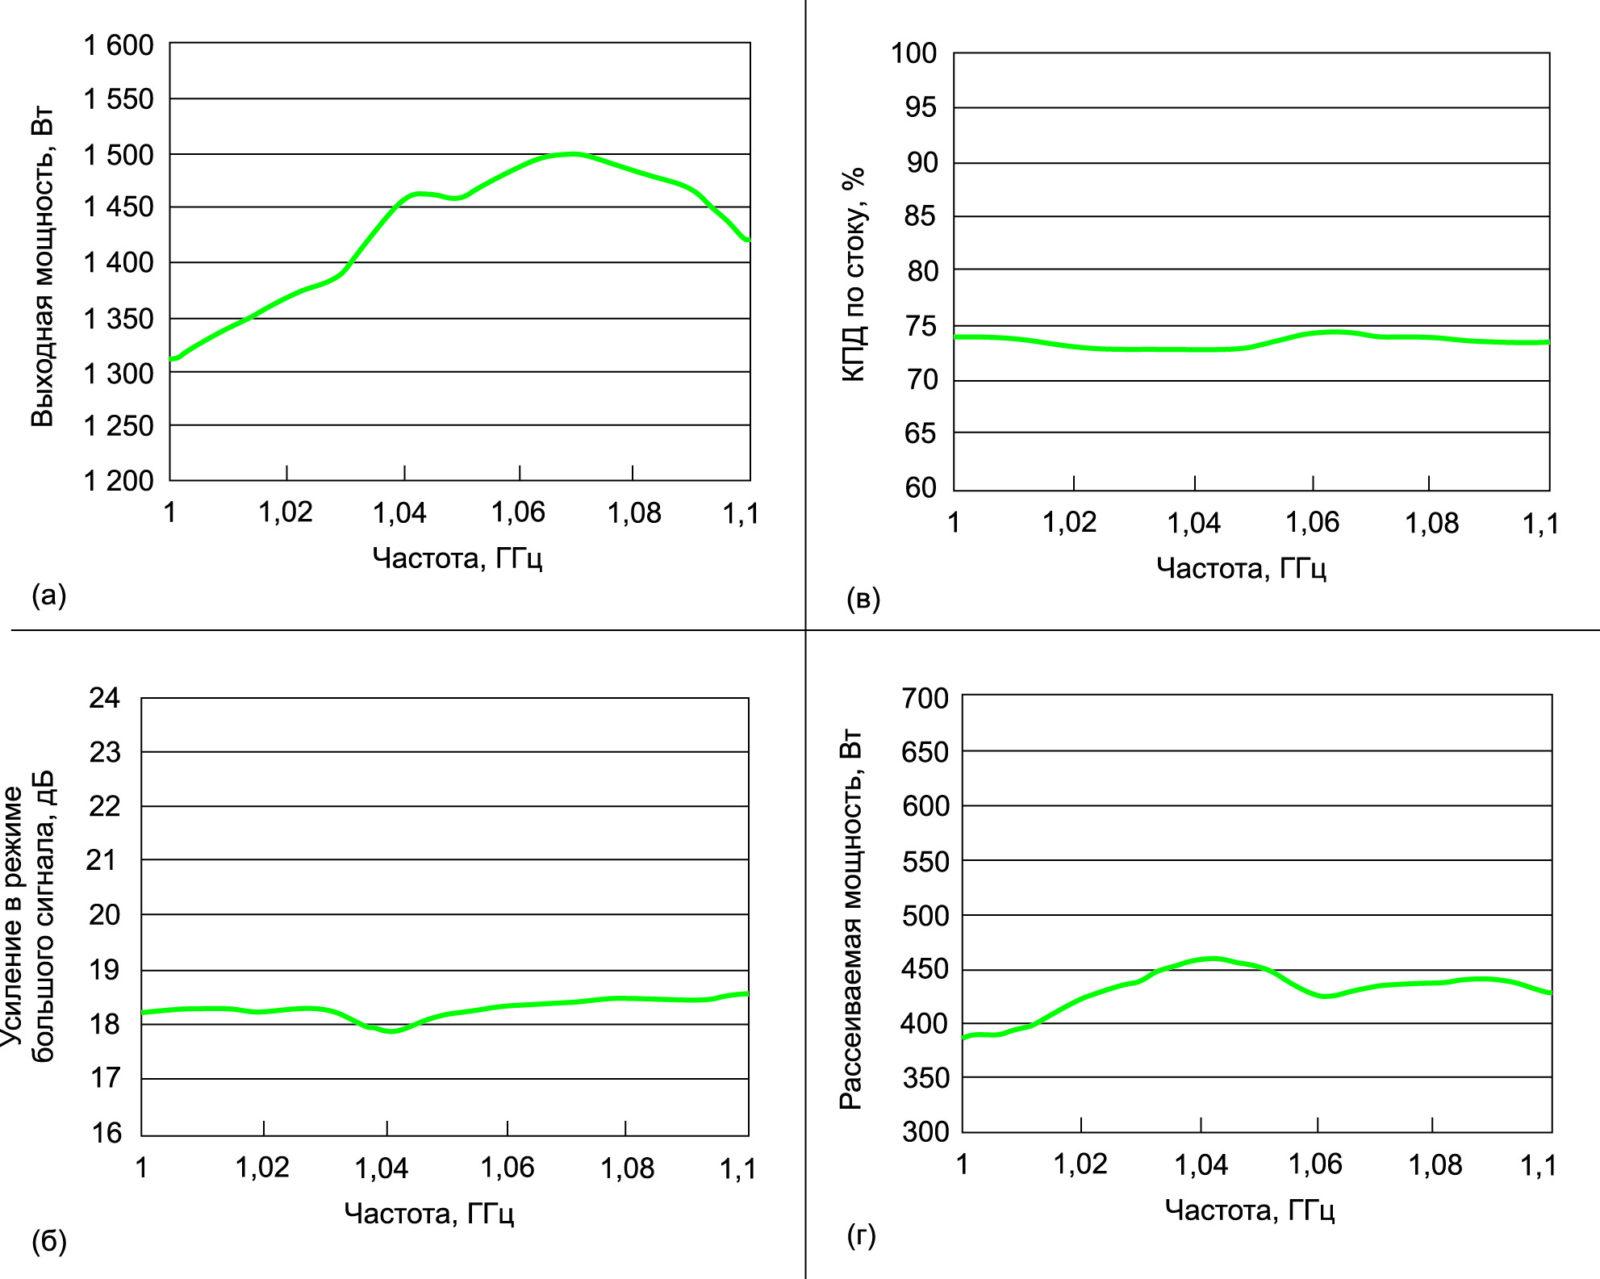 Импульсные характеристики транзистора QPD1025 при температуре + 25 °C и компрессии 3 дБ. Условия измерения: радиоимпульс длительностью 100 мкс при 10%-ном рабочем цикле; на оценочной плате использовалось синфазное суммирование